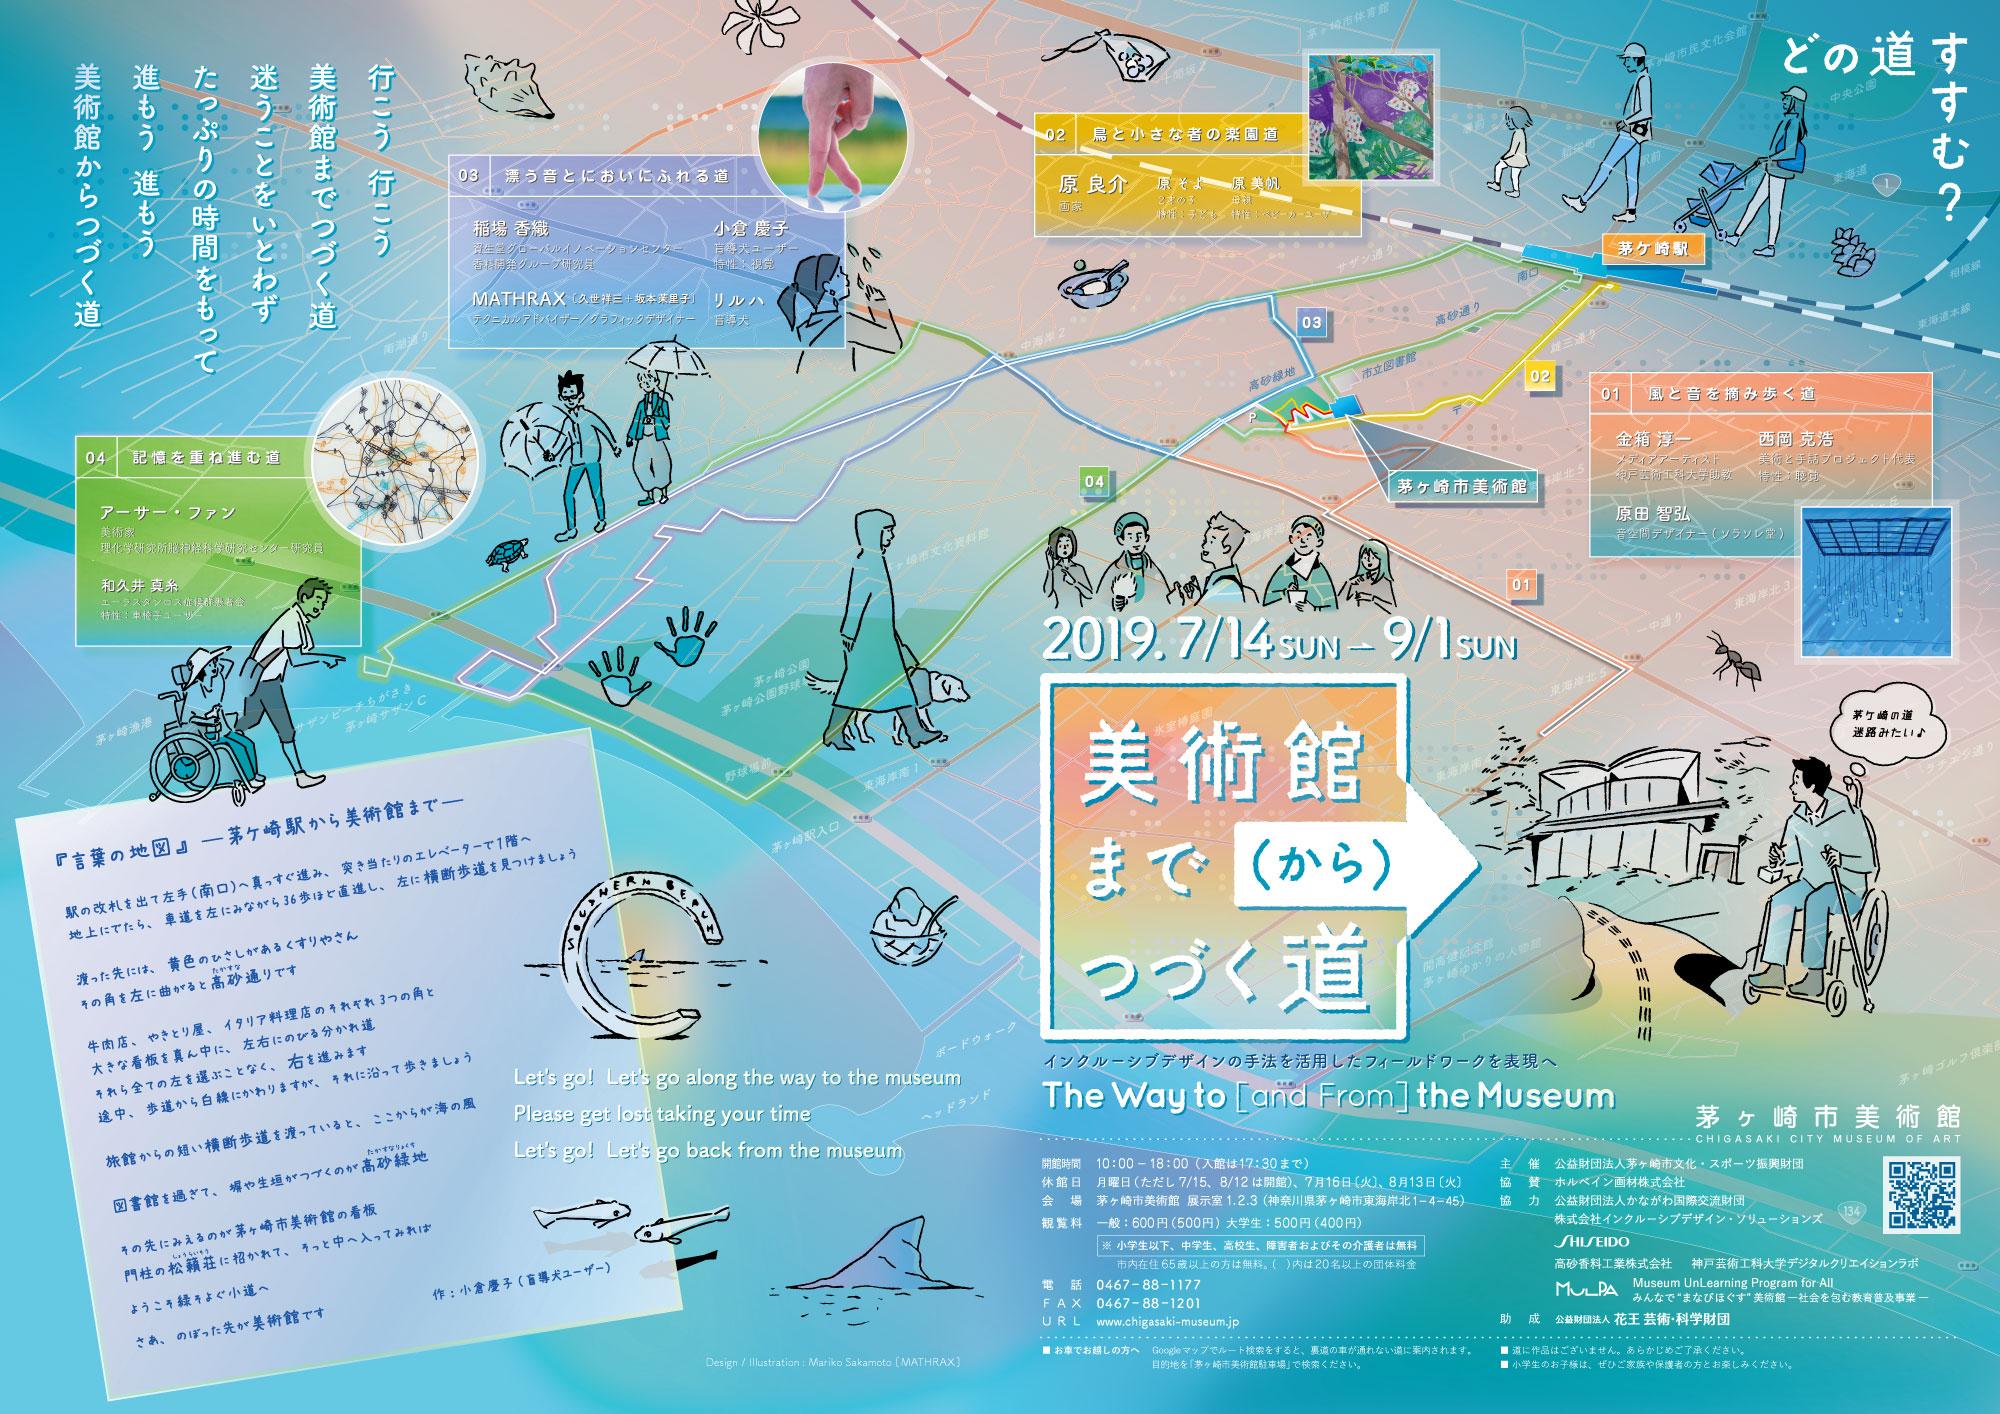 茅ヶ崎の地図を用いたフライヤー表面